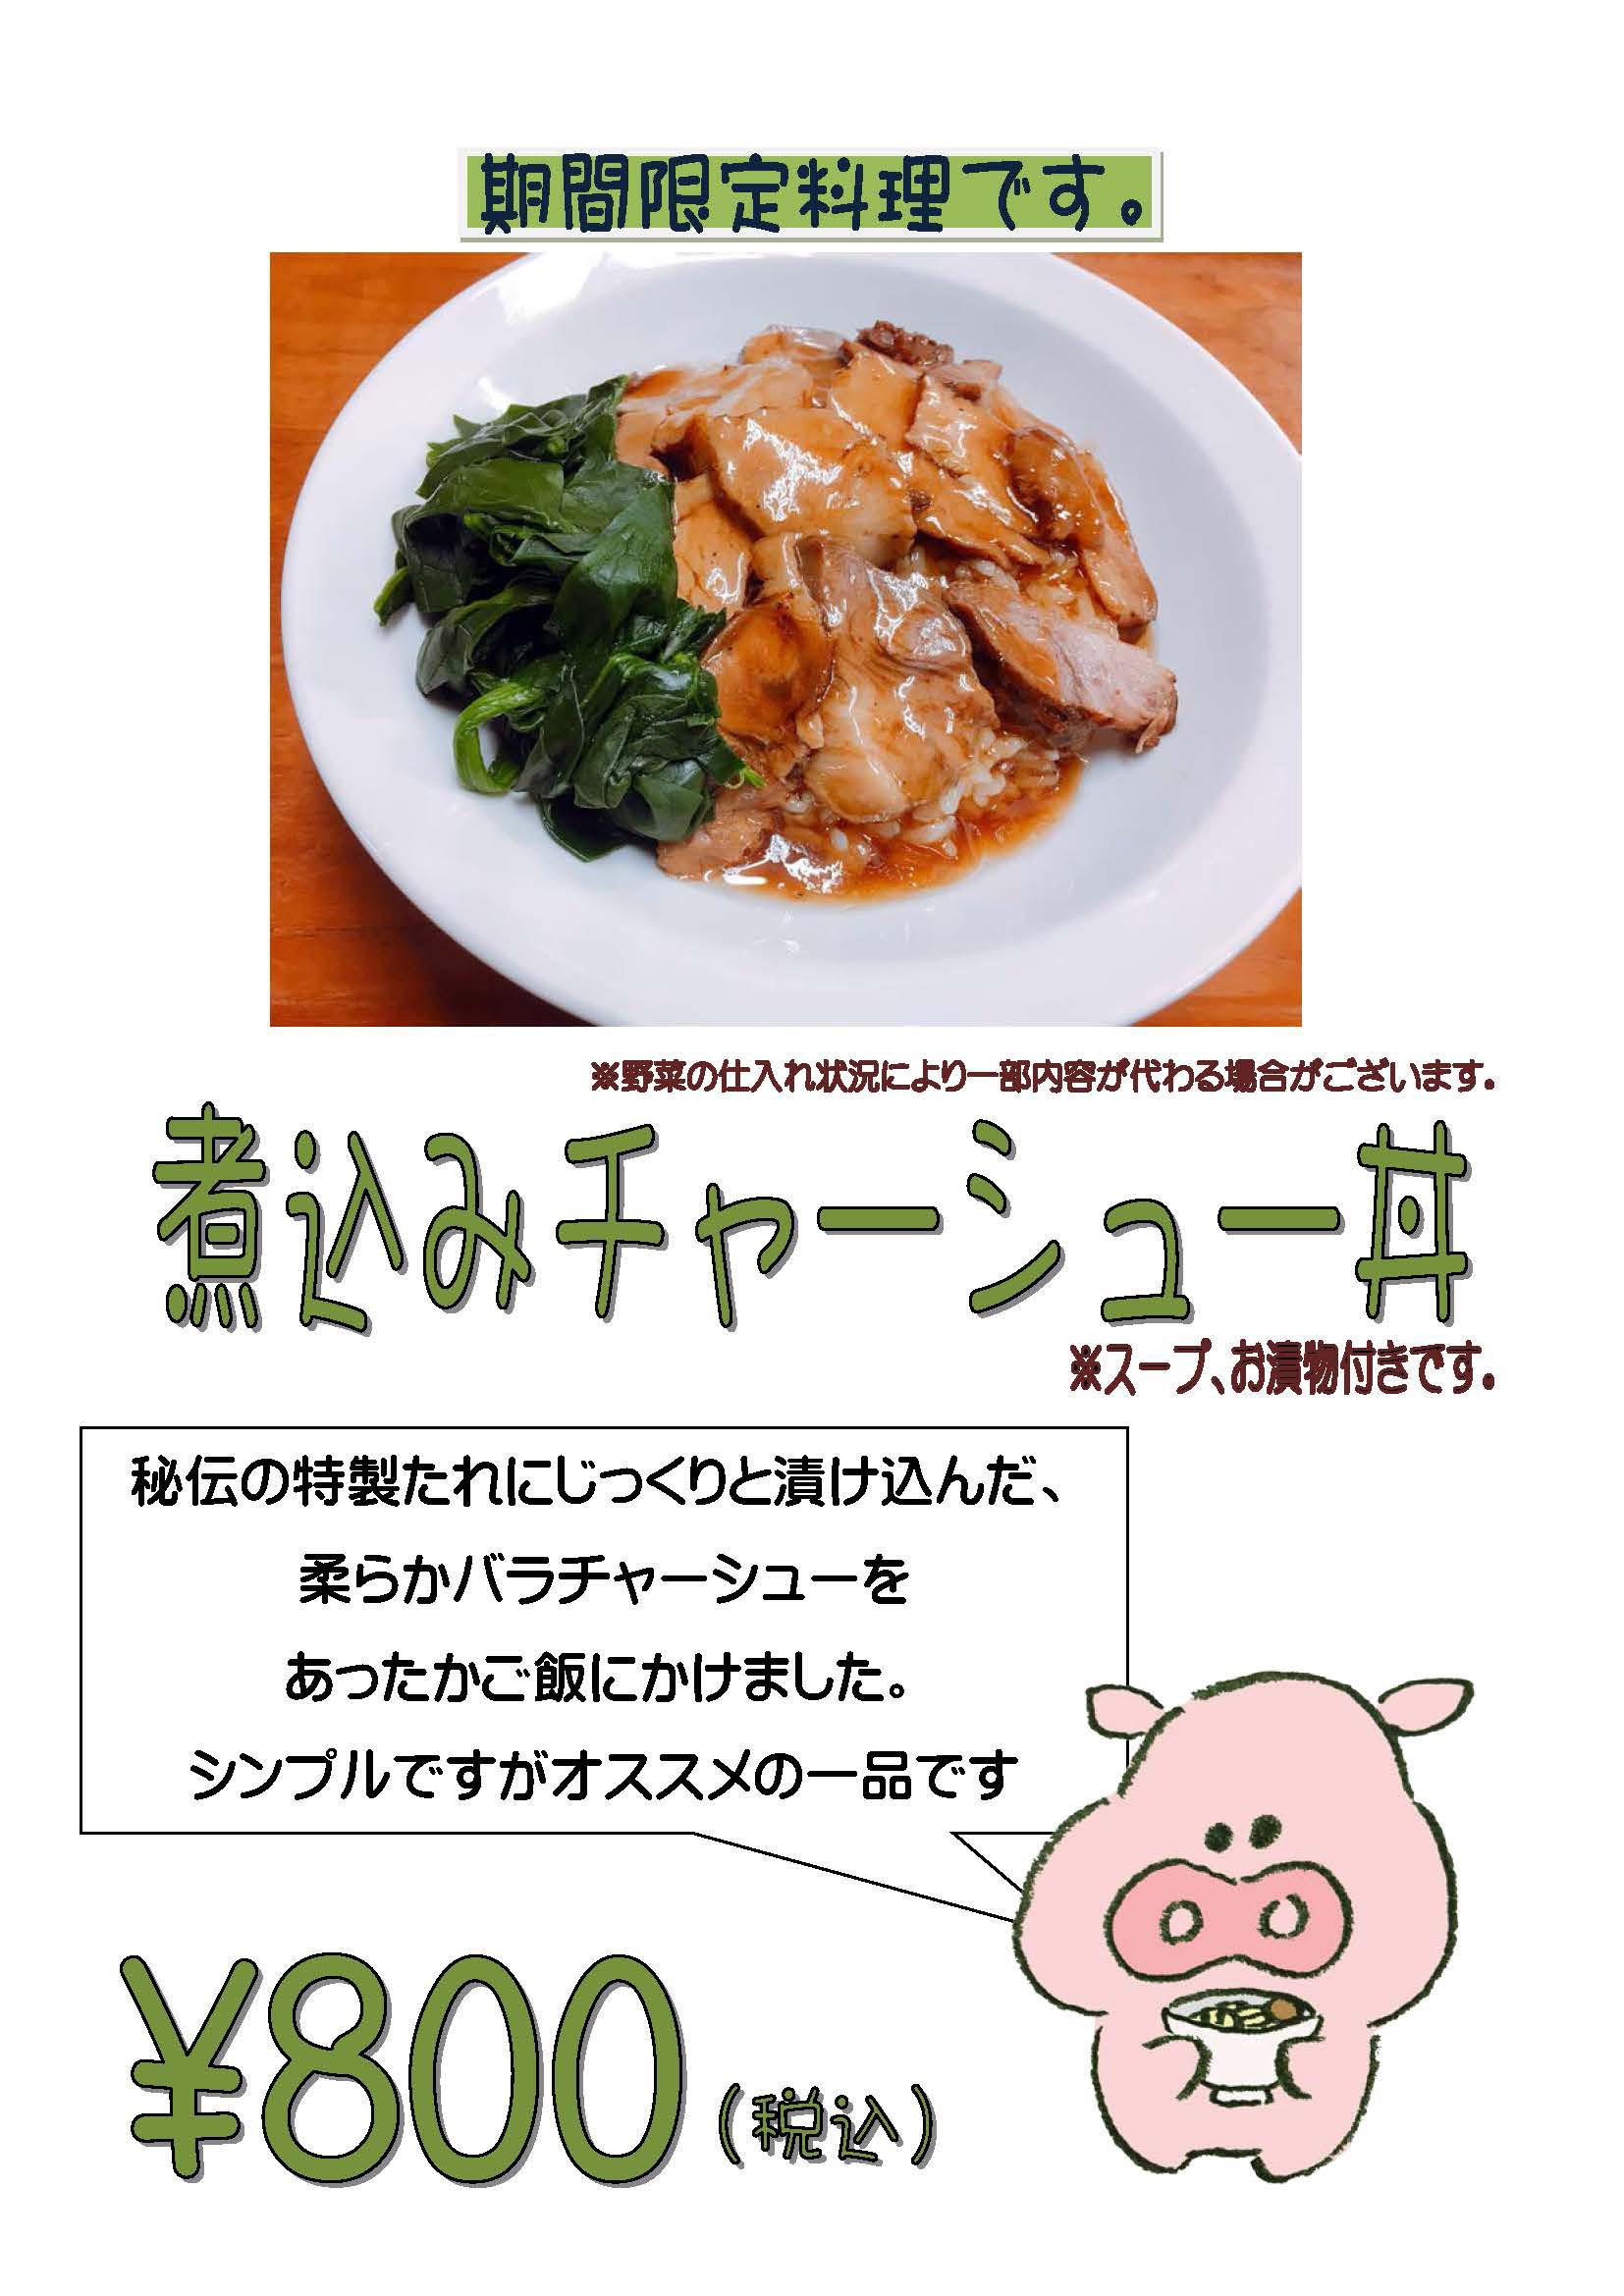 煮込みチャーシュー丼